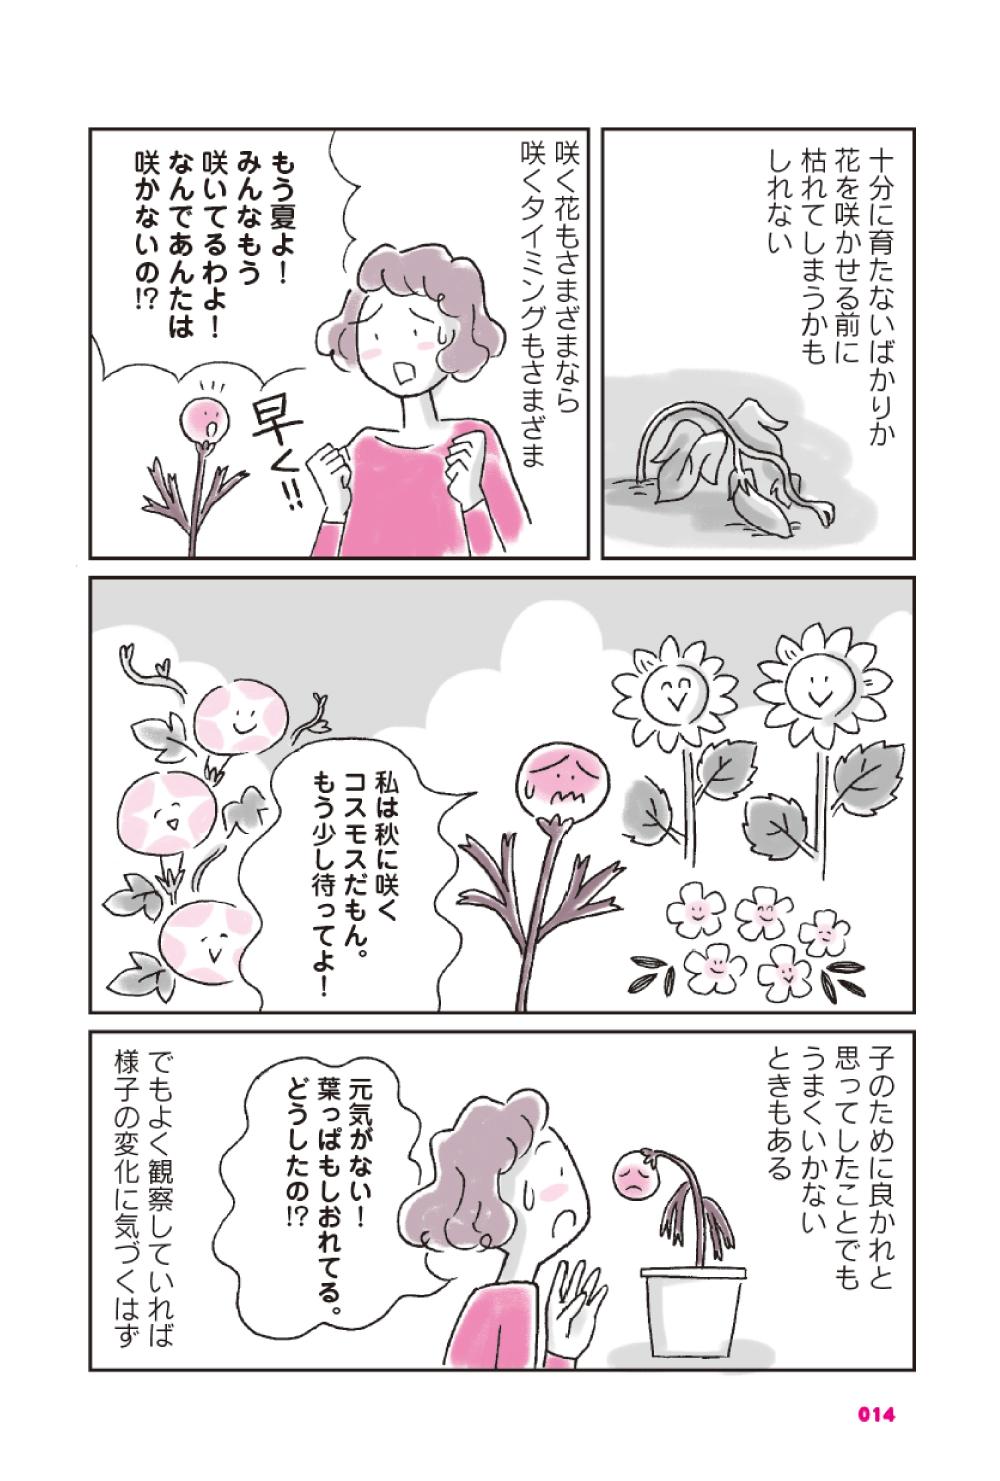 【教育】子どもを伸ばす母親力の磨き方の画像8